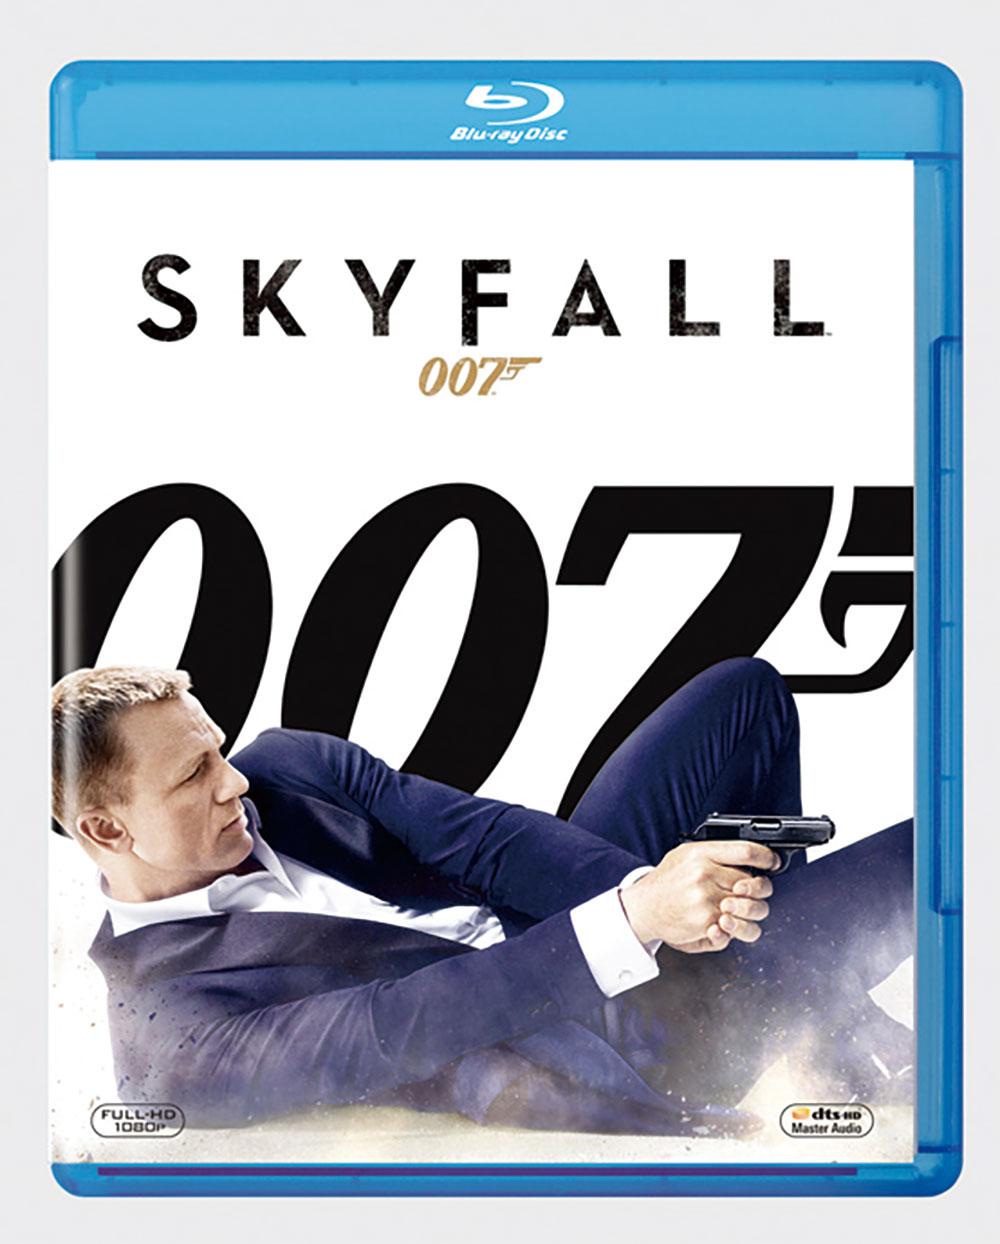 画像: 『007/スカイフォール』ブルーレイ、DVD 発売中発売元:ワーナー・ブラザースホームエンターテイメント販売元:NBC ユニバーサル・エンターテイメント SKYFALL©2012 Danjaq, LLC, United Artists Corporation,Columbia Pictures Industries, Inc.SKYFALL, 007 Gun Logo and related James BondTrademarks©1962-2013 Danjaq, LLC and United ArtistsCorporation.SKYFALL, 007 Gun Logo and related James BondTrademarks are trademarks of Danjaq, LLC. All RightsReserved.